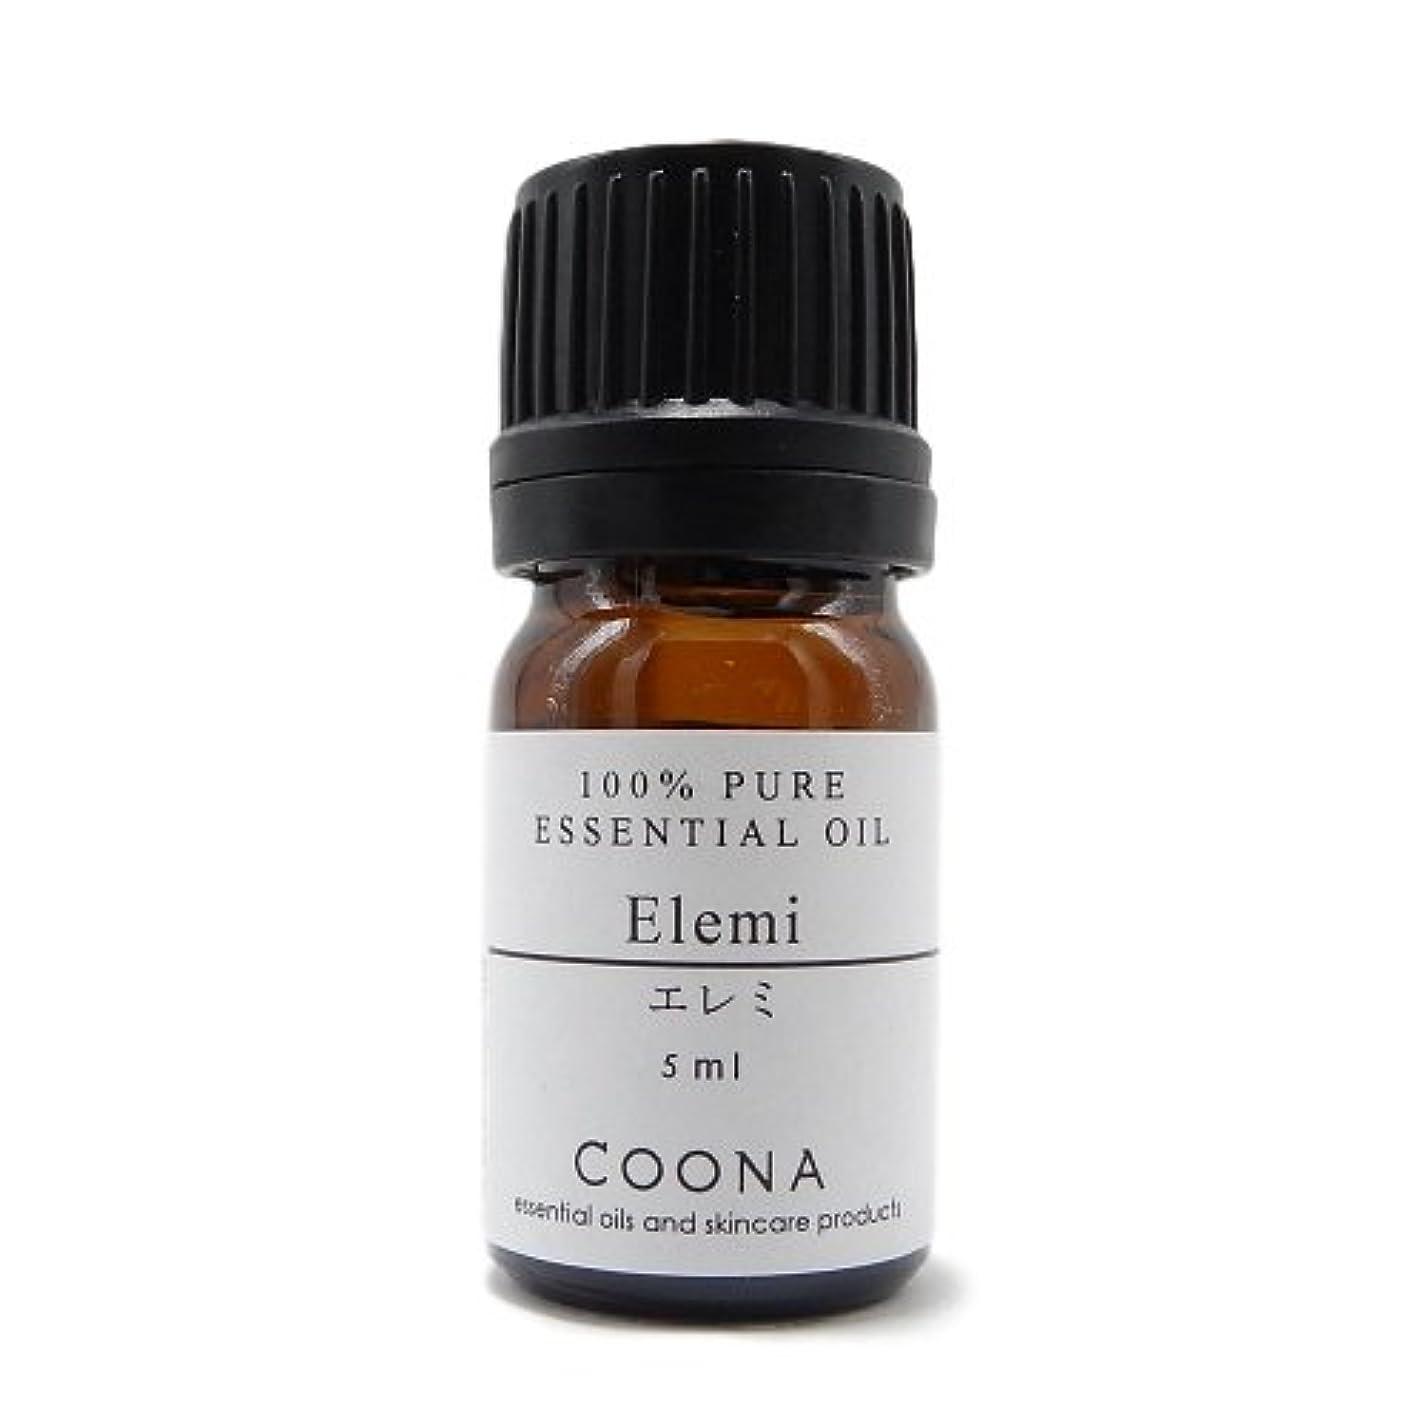 体操選手堂々たる汚染エレミ 5 ml (COONA エッセンシャルオイル アロマオイル 100%天然植物精油)